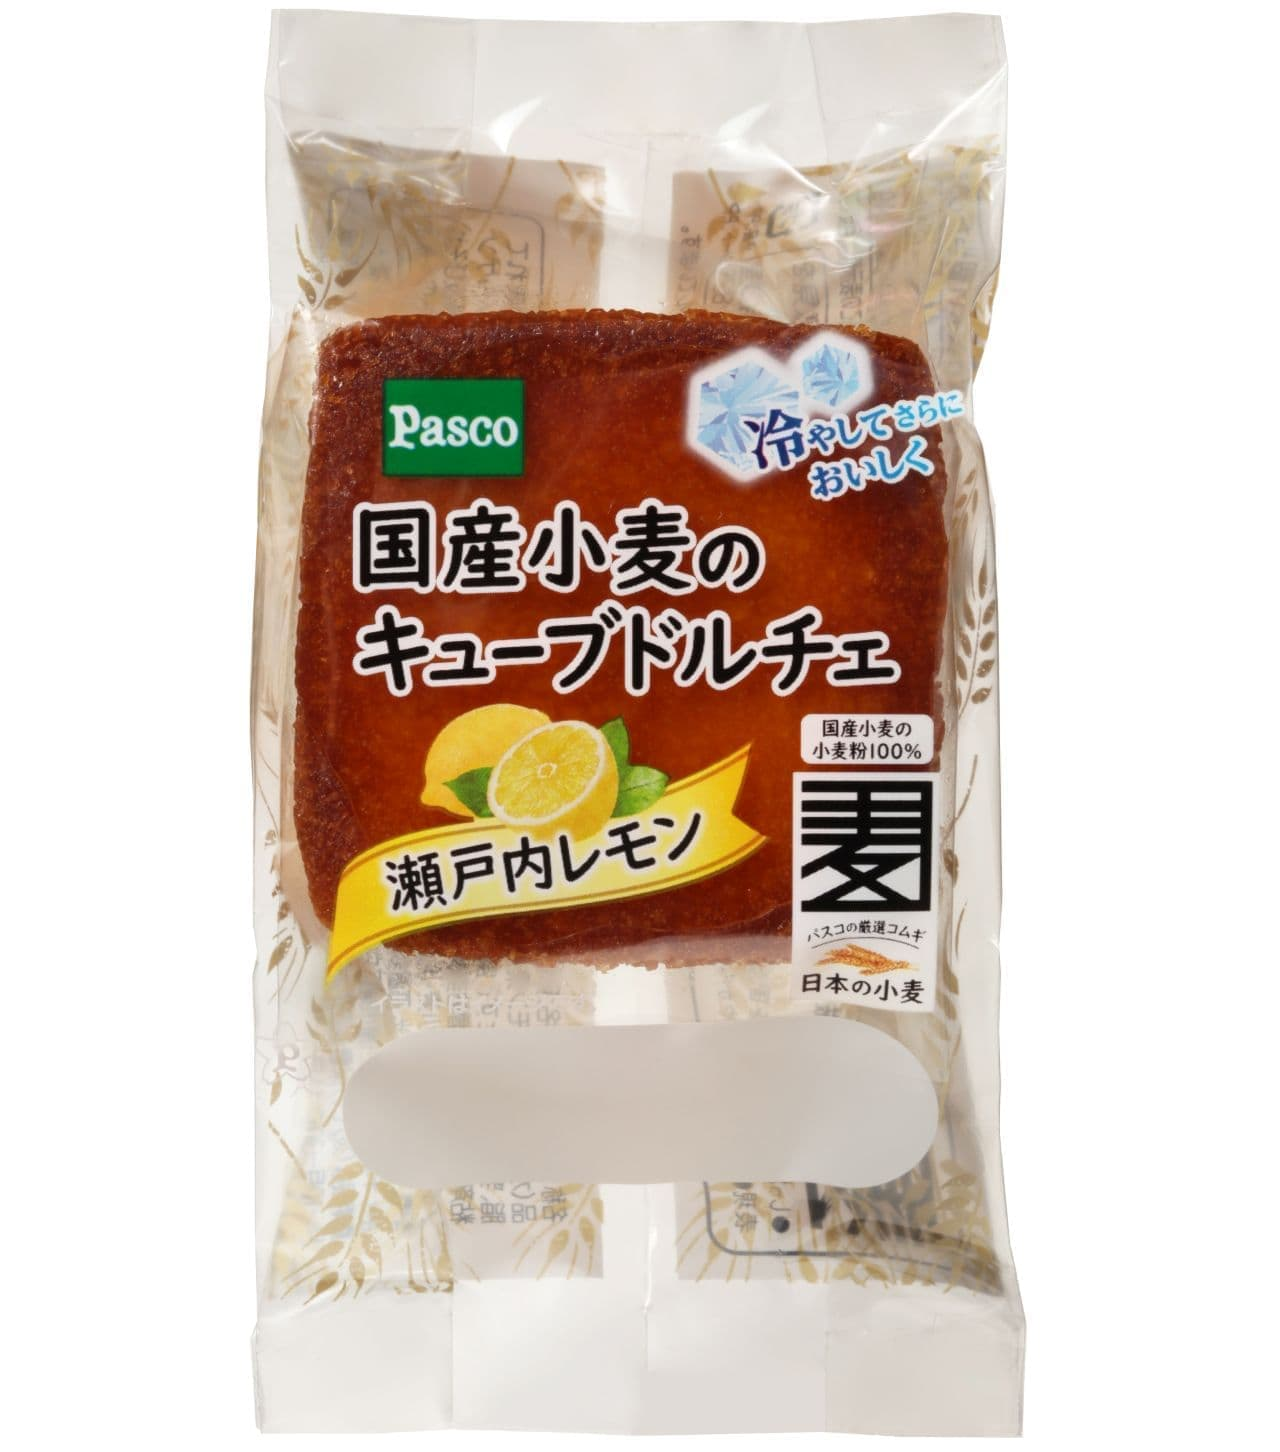 パスコ「国産小麦のキューブドルチェ 瀬戸内レモン」